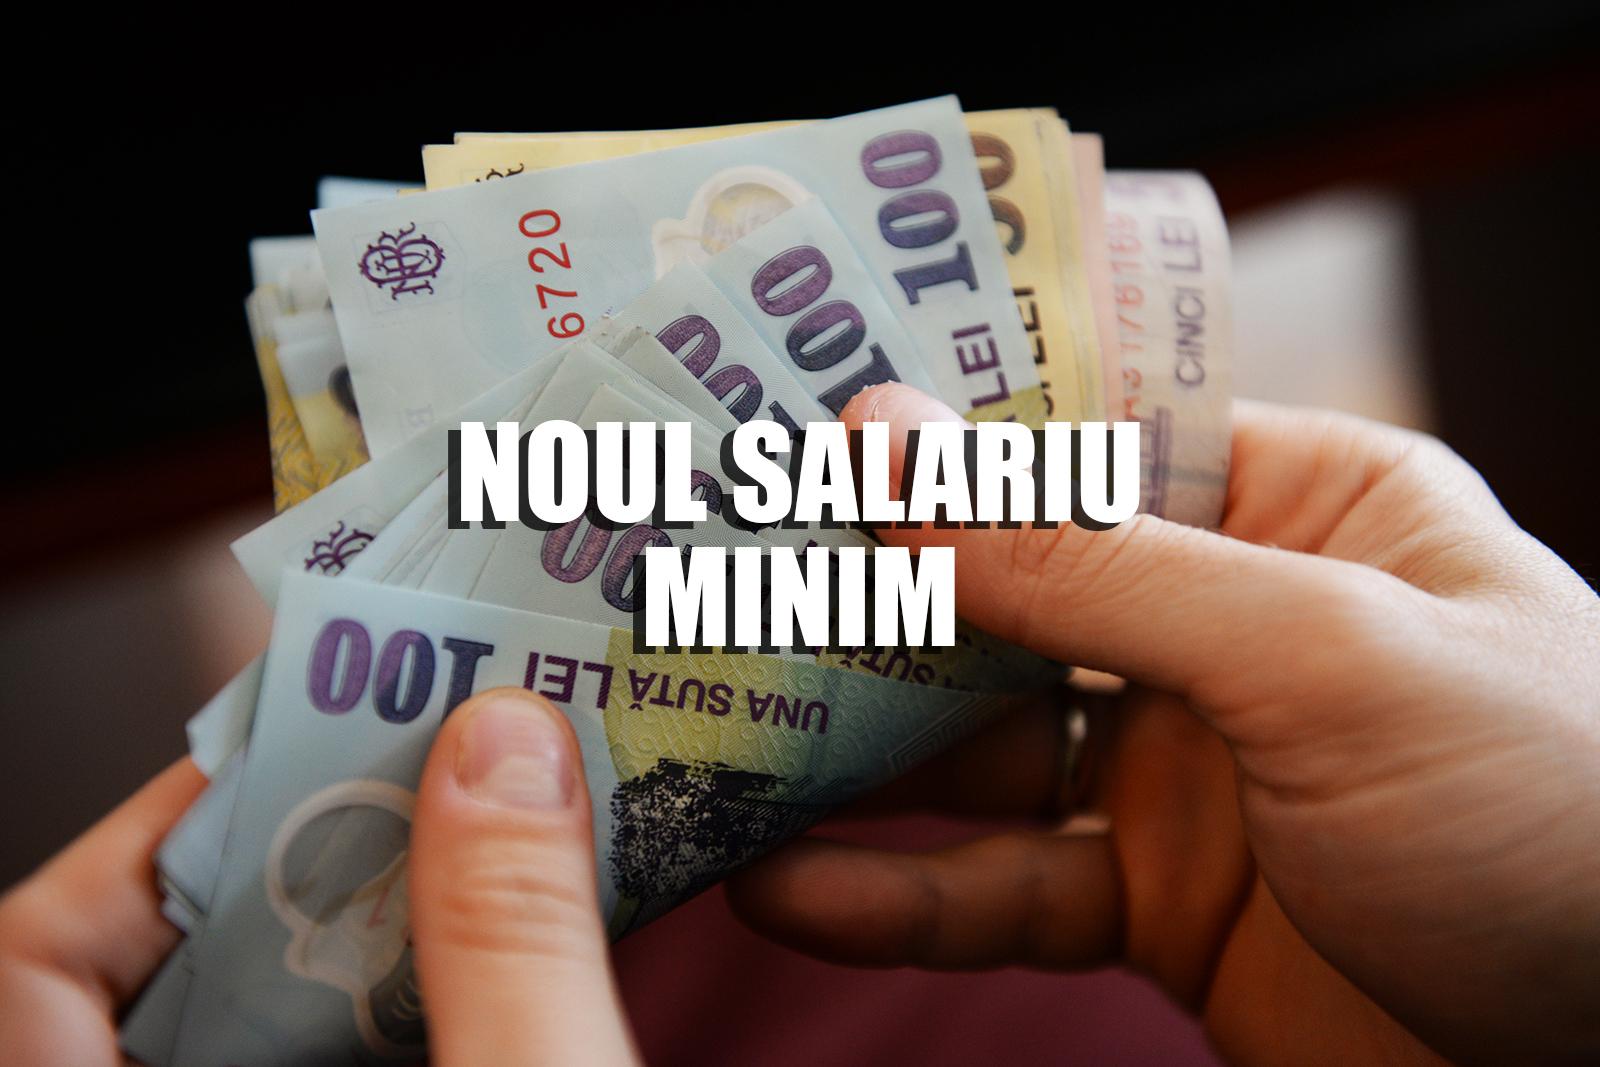 Noul salariu minim pentru cei cu facultate 4576 lei. Firmele ar fi date peste cap de acest salt